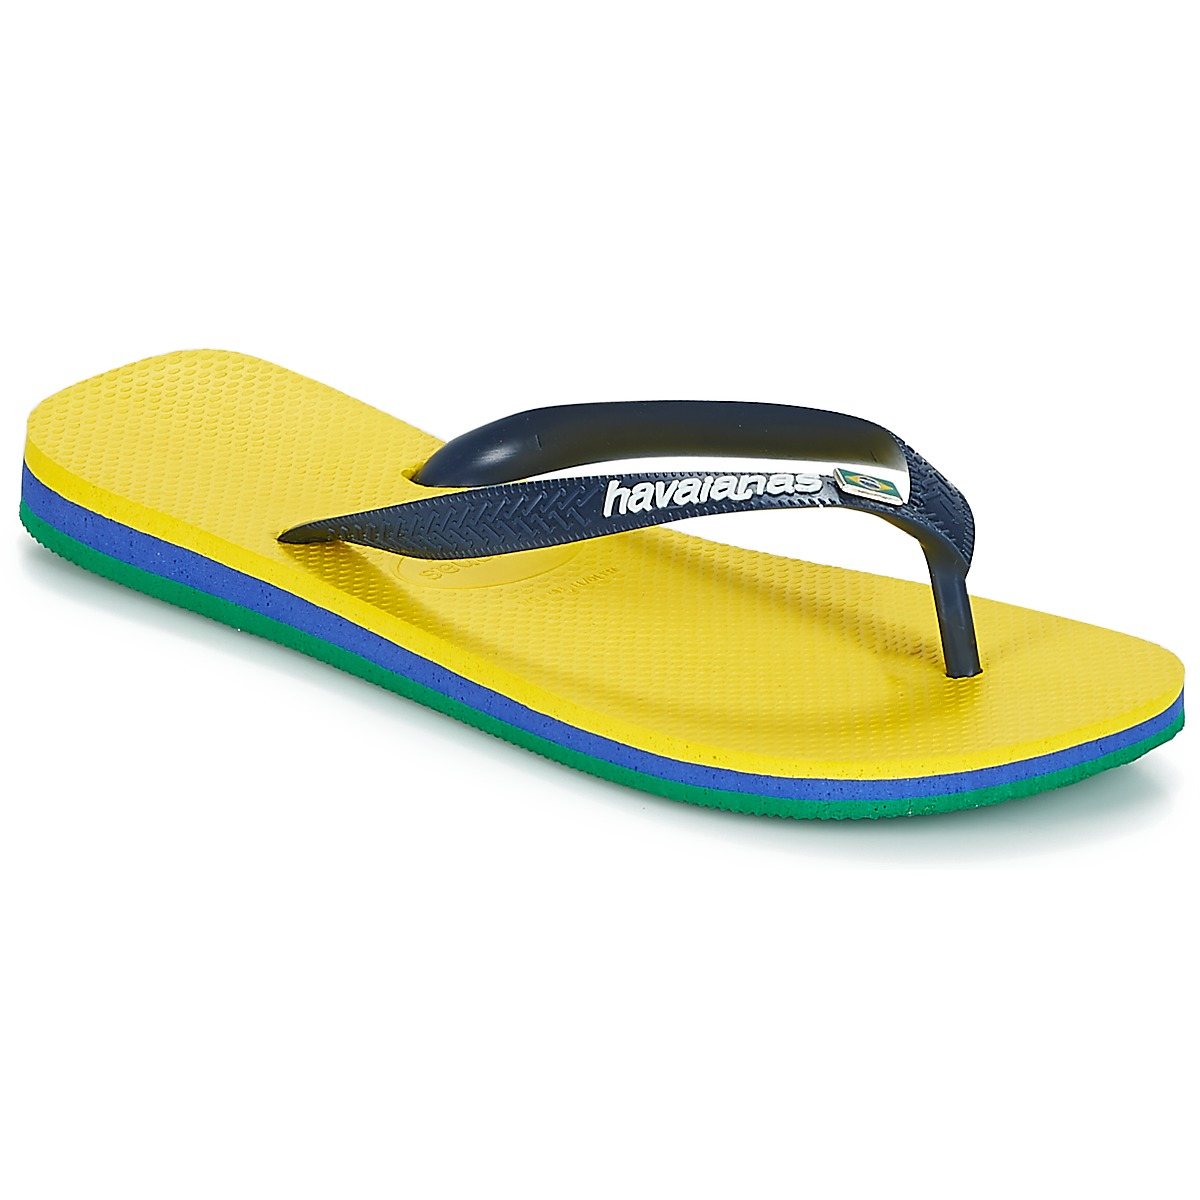 Havaianas Brasil Layers Gelb - Kostenloser Versand bei Spartoode ! - Schuhe Zehensandalen Herren 20,79 €